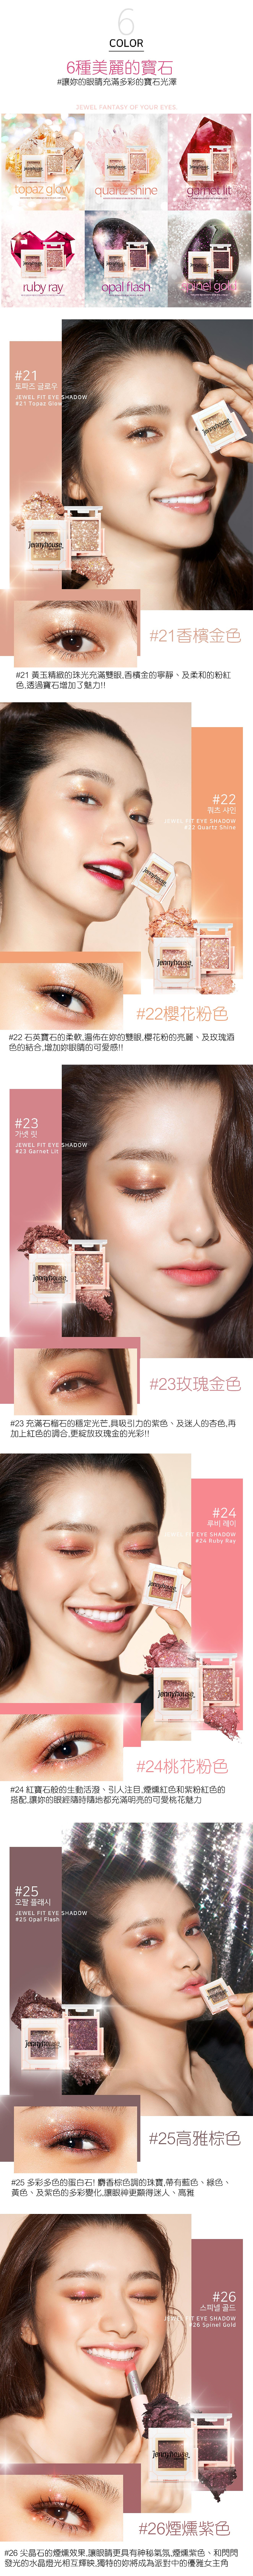 韓國化妝品網站長圖-4-05.jpg